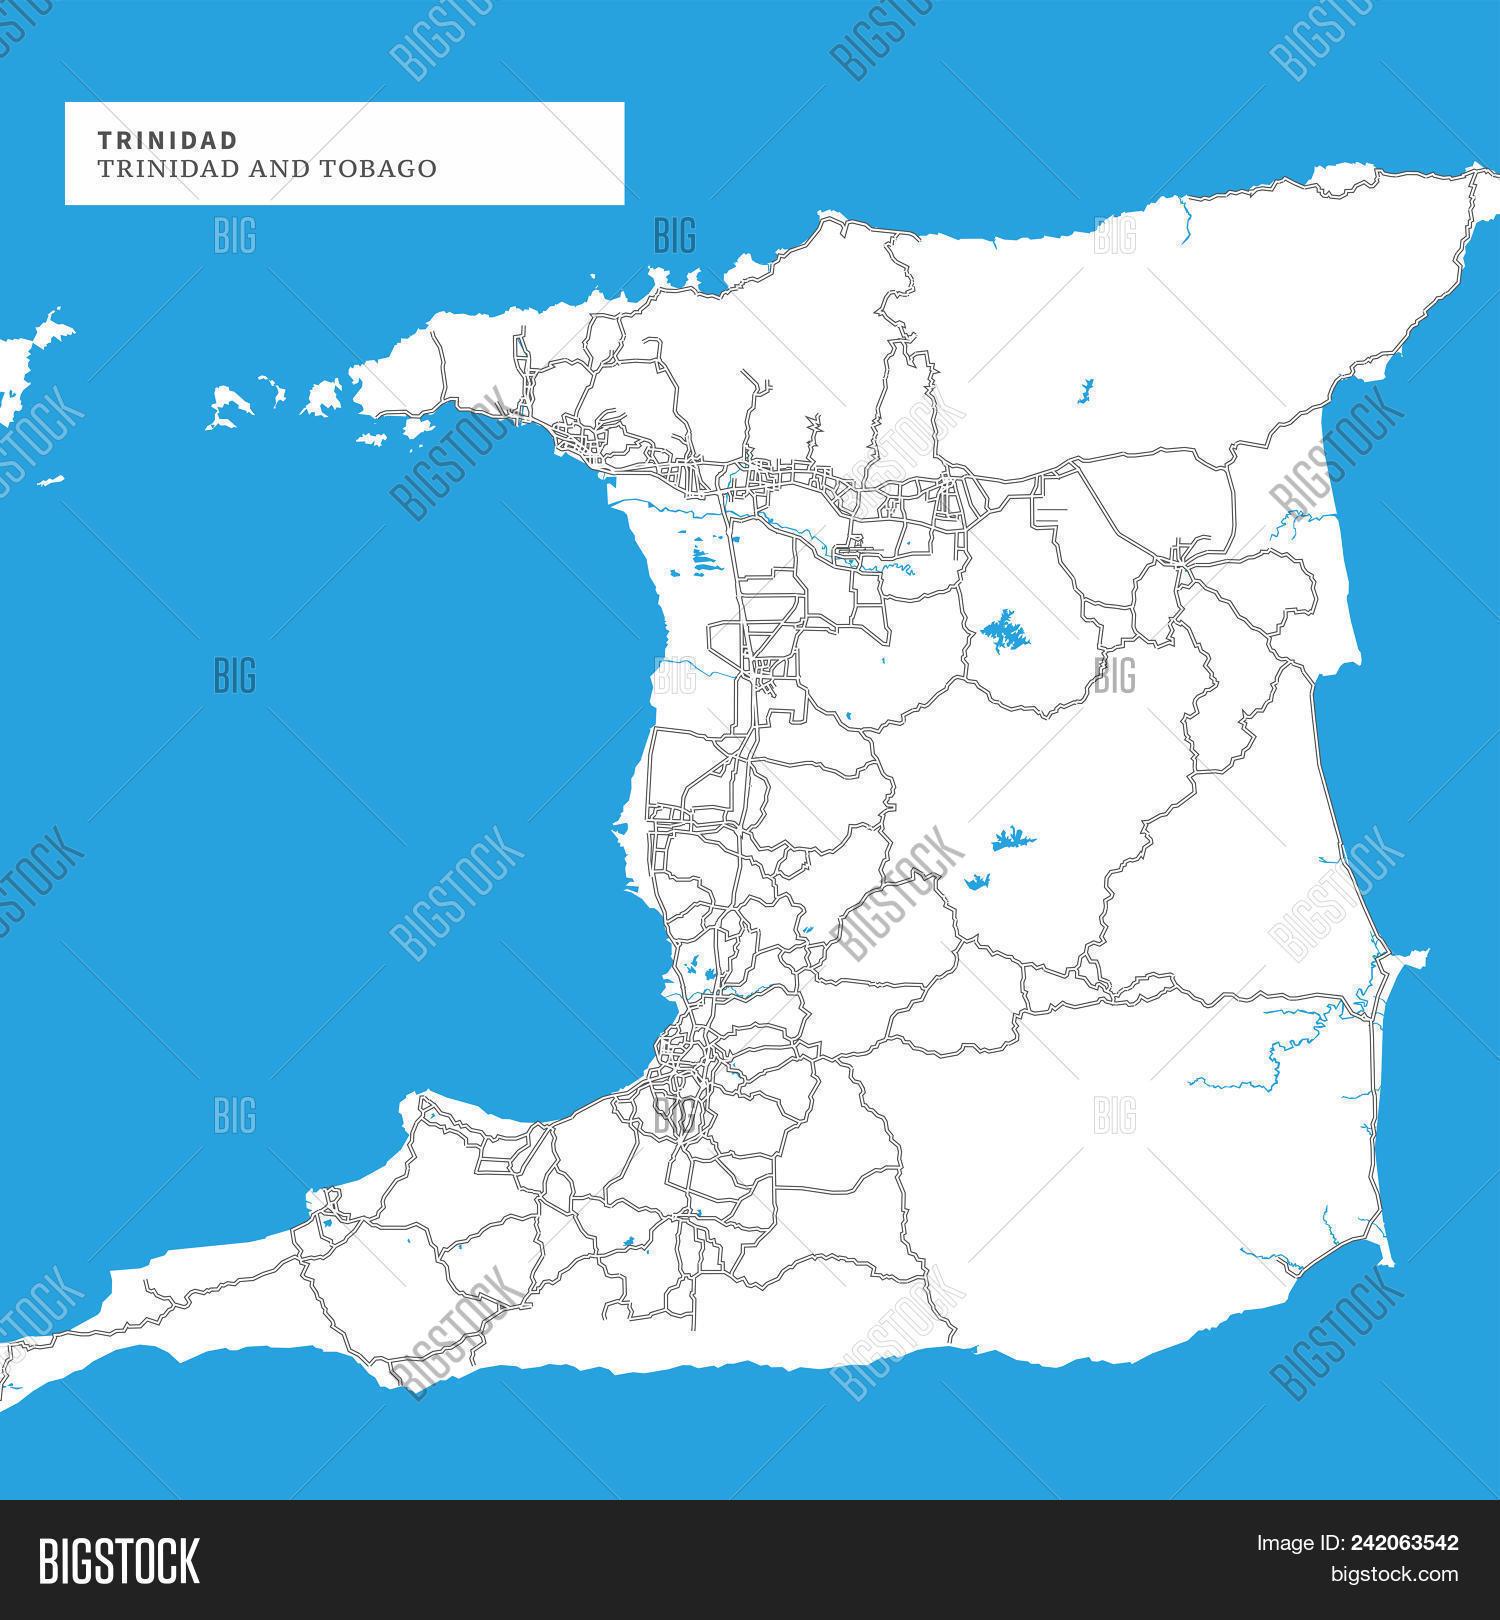 Map Trinidad Island Vector & Photo (Free Trial) | Bigstock